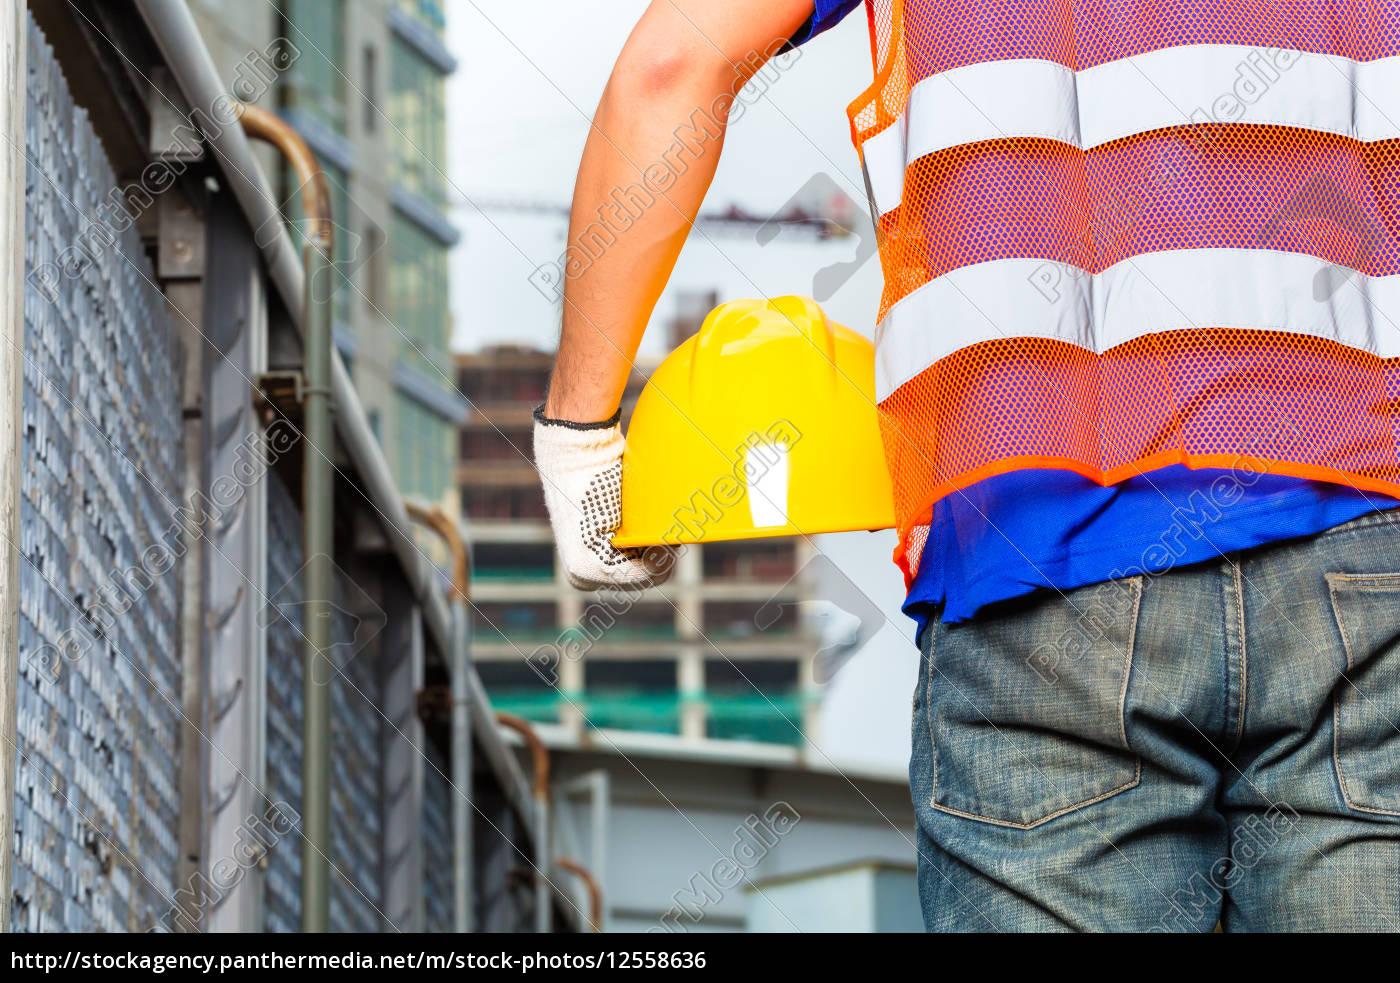 trabajador, en, obra, con, casco, o - 12558636